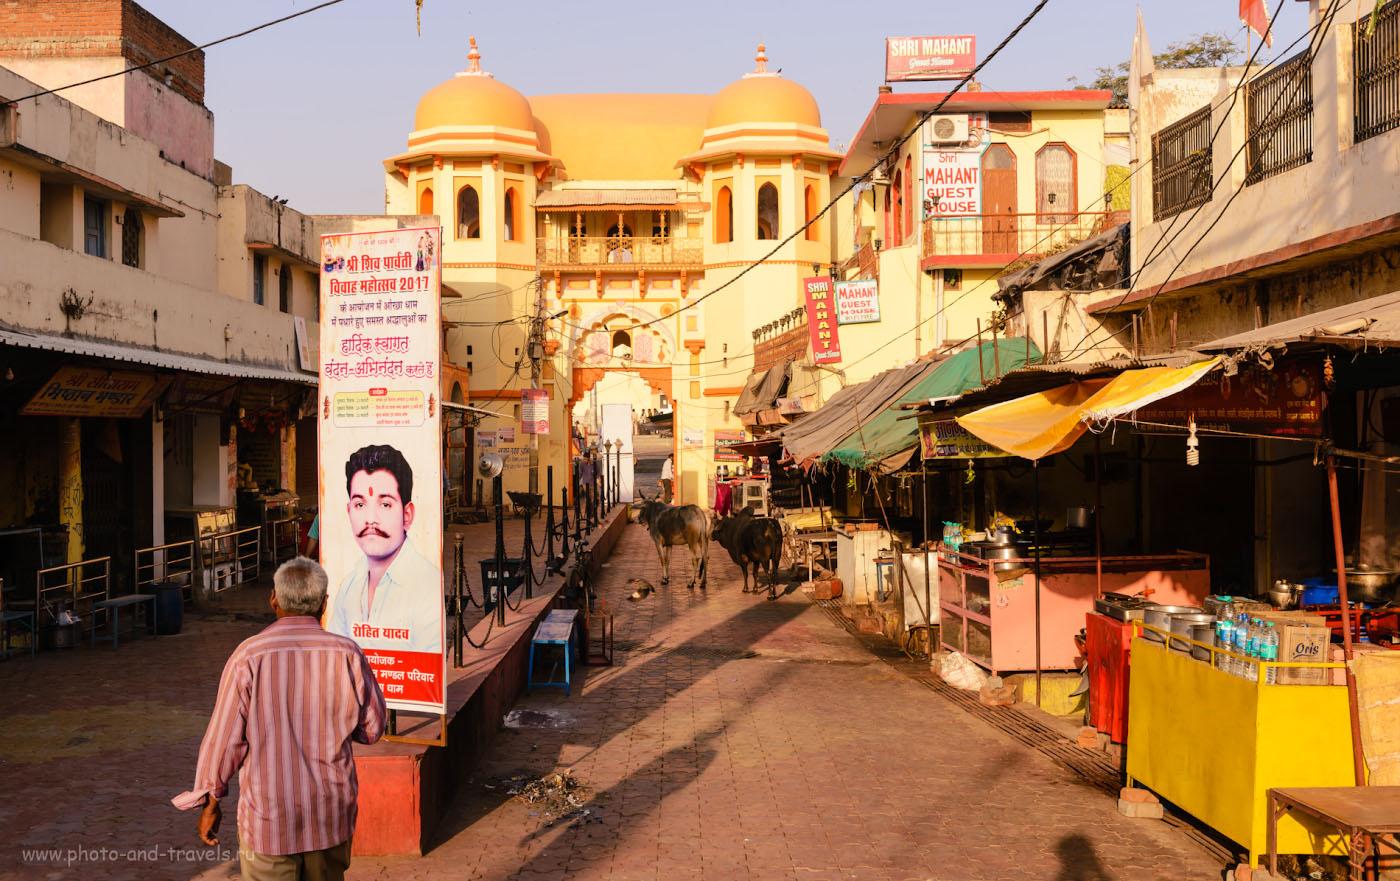 Фотография 15. Где остановиться в Орчхе? Рекомендую наш гестхаус «Shri Mahant Guest House Orchha» - смотри вывеску справа вверху. 1/200, 7.1, 100, 38.